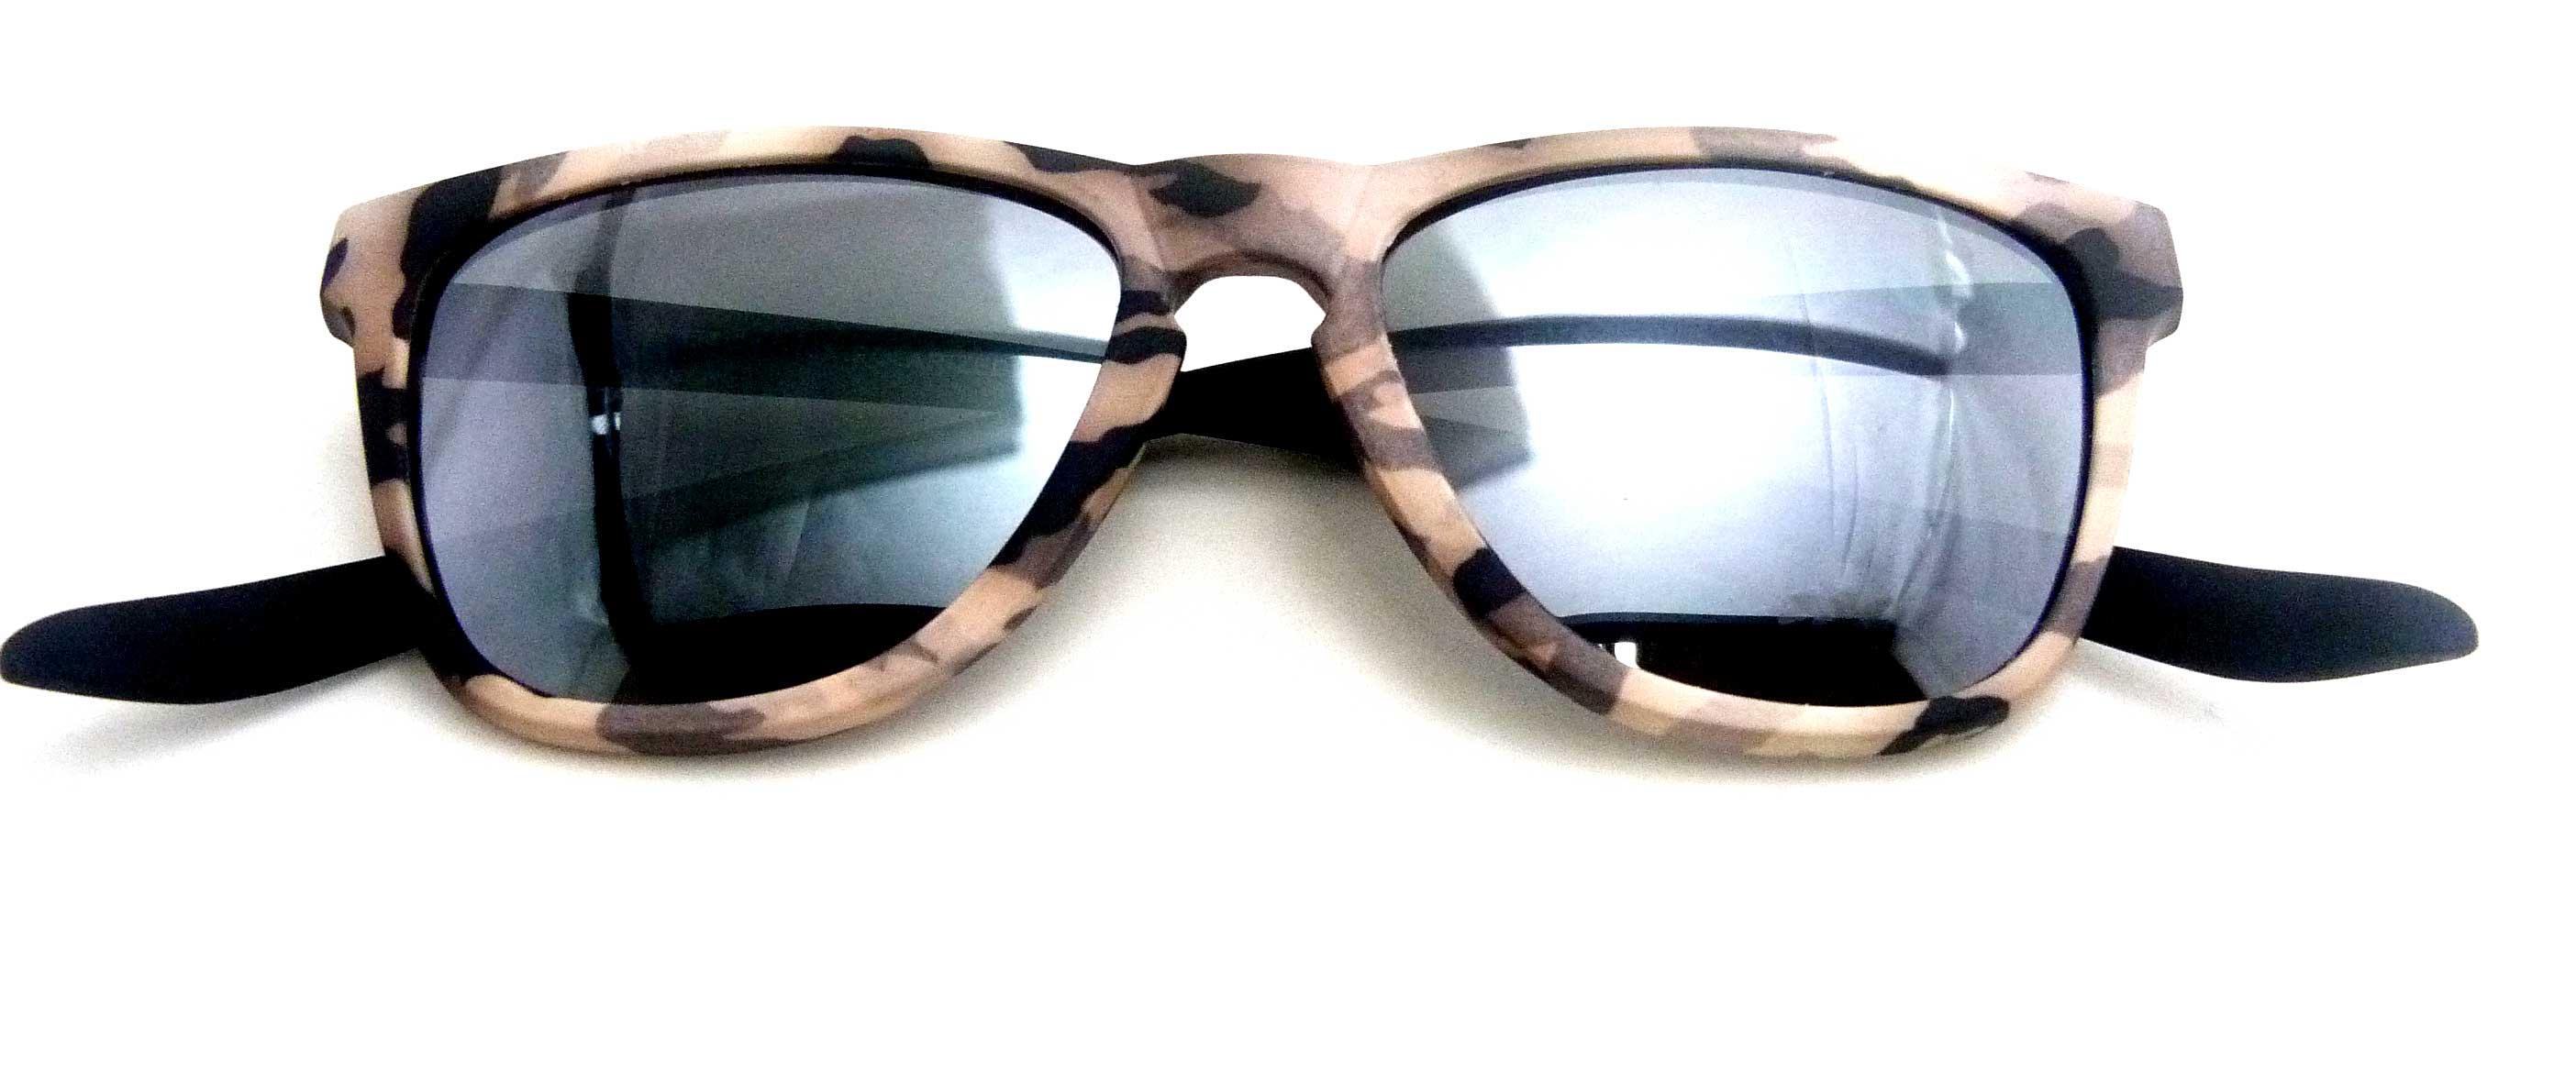 0215116 - Óculos-Solar CS Koala Camuflado 54x17 Marrom Mod 15116 FLAG 9  -Contém 1 Peça